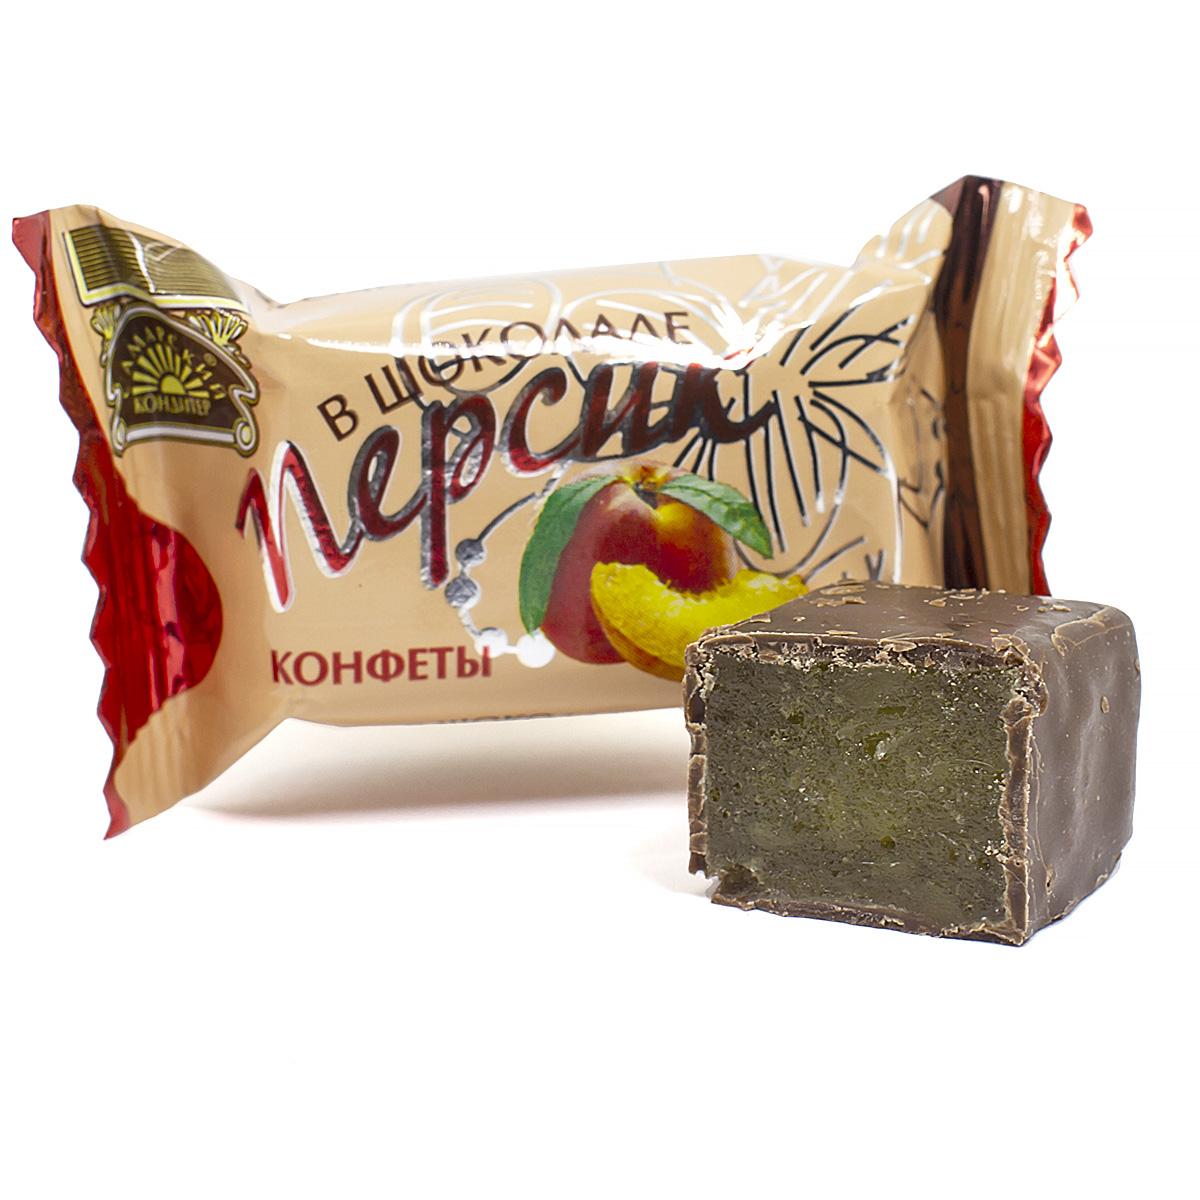 Конфеты Персик в шоколаде